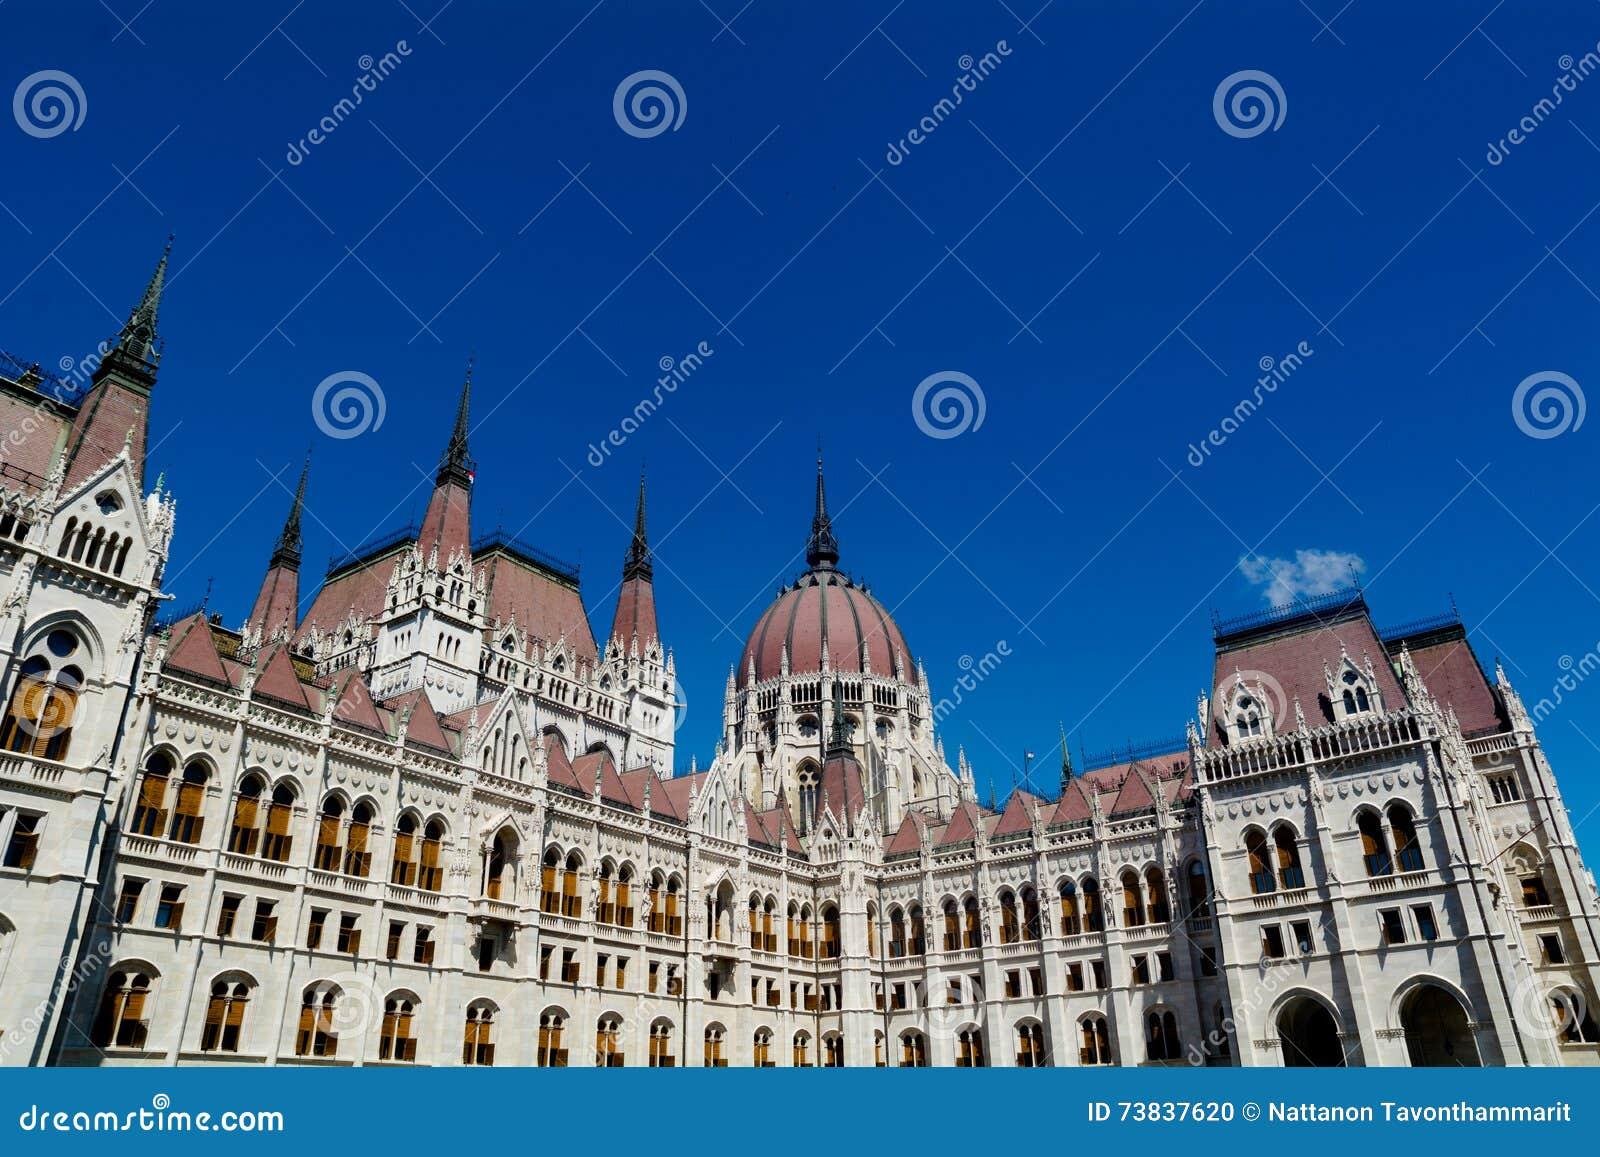 Το Κοινοβούλιο της Ουγγαρίας στη Βουδαπέστη